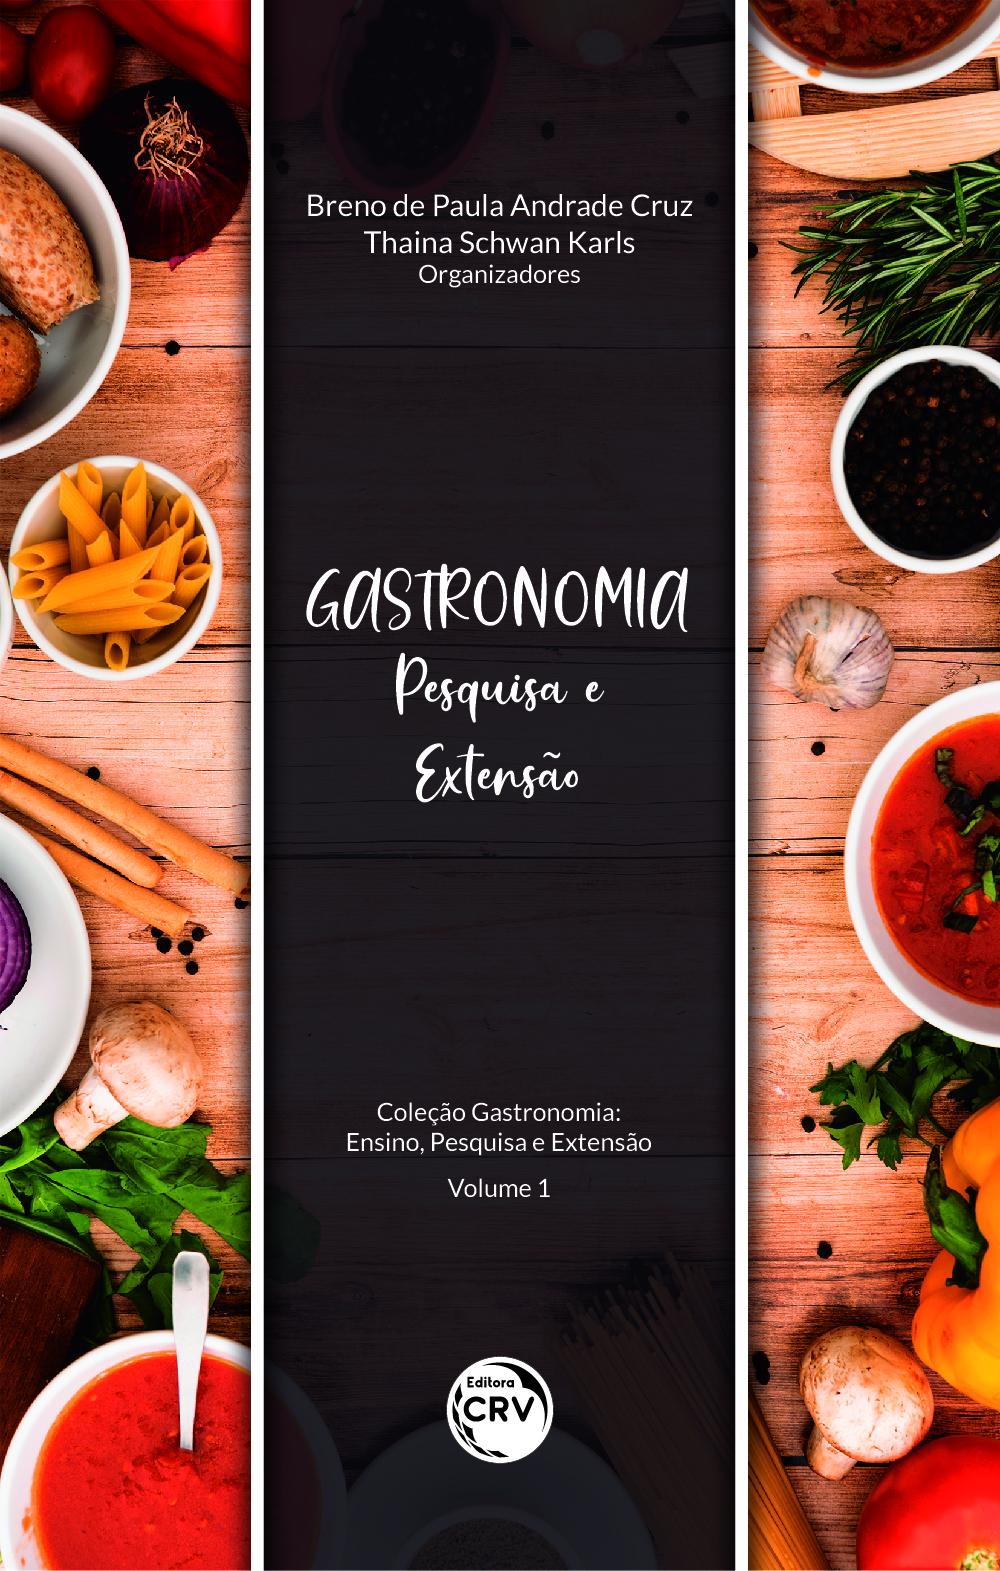 Capa do livro: GASTRONOMIA: <br> Pesquisa e Extensão Coleção Gastronomia: <br> Ensino, Pesquisa e Extensão Volume 1